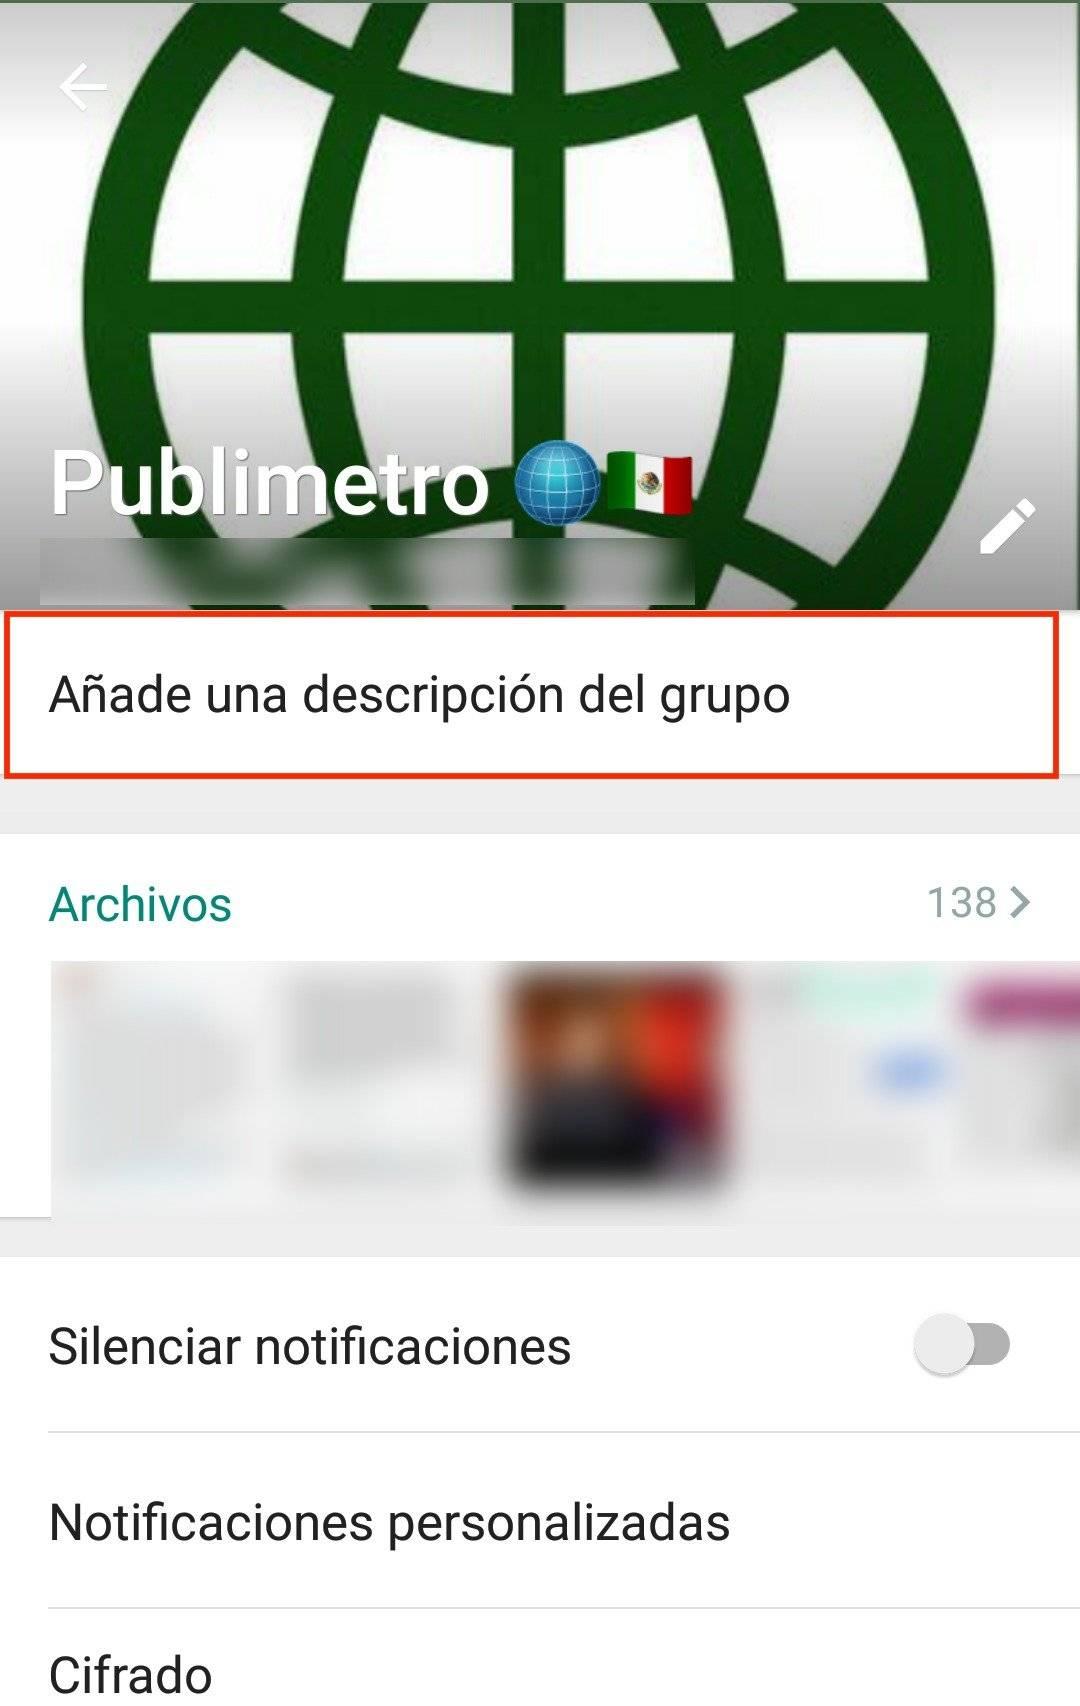 Añade una descripción del grupo de WhatsApp